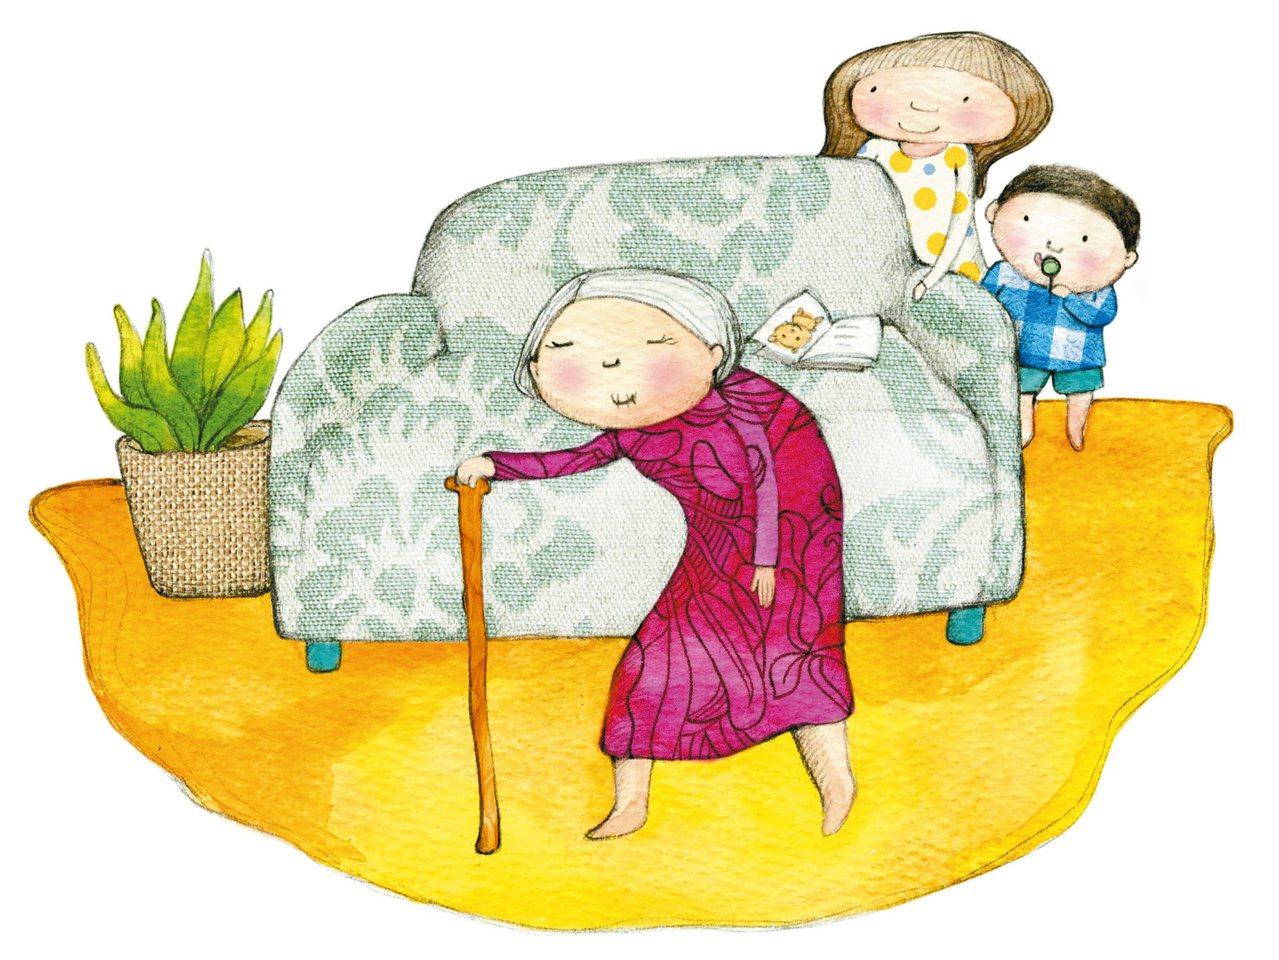 頭腦清晰、個性堅定的婆婆,很快理出即使失去視力也足以自行應付的生活模式。 圖/倩